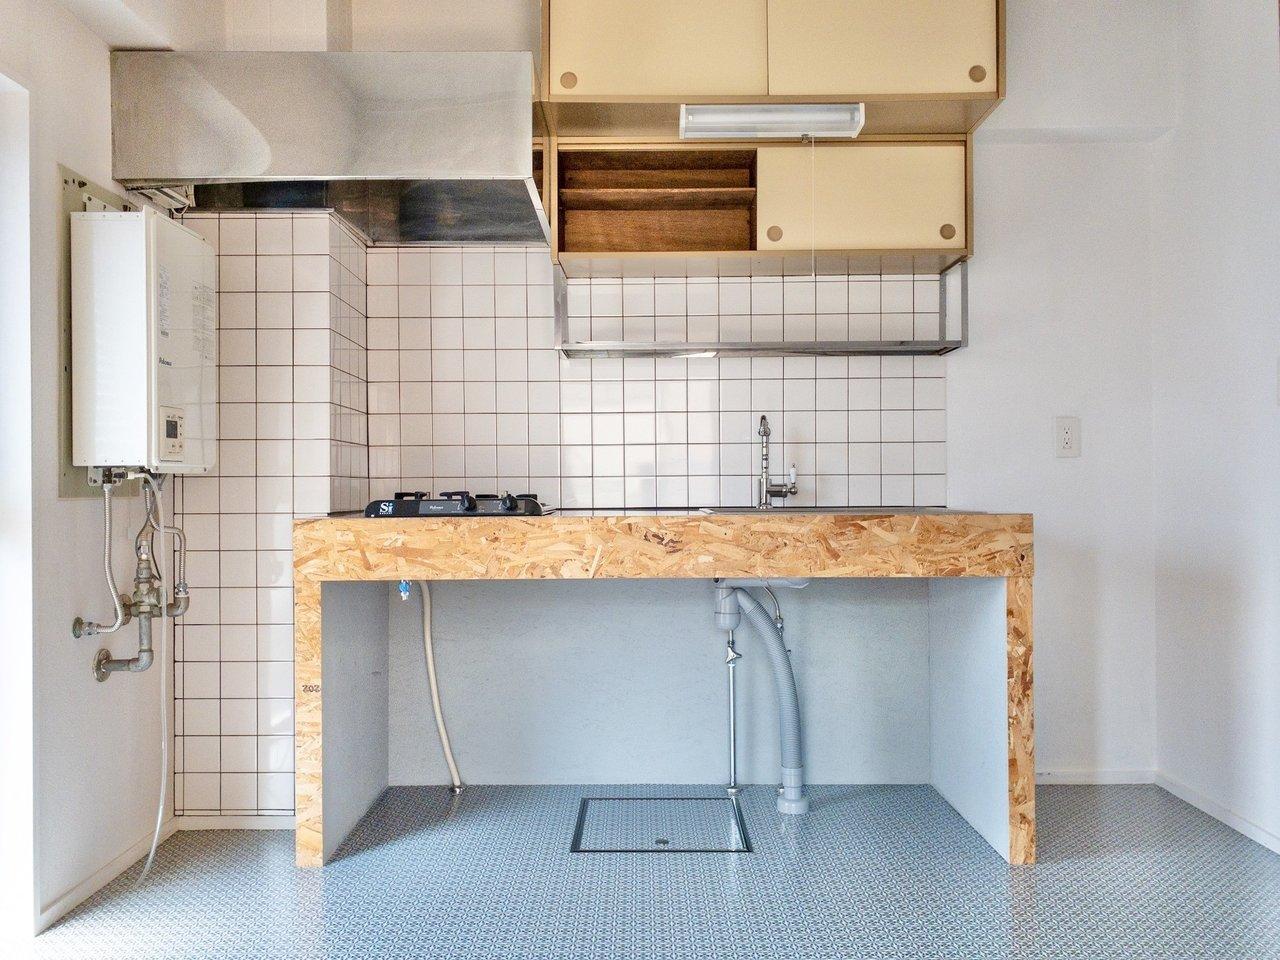 ダイニングテーブルを置く暮らしがしたい!広々ダイニングキッチンのあるお部屋まとめ